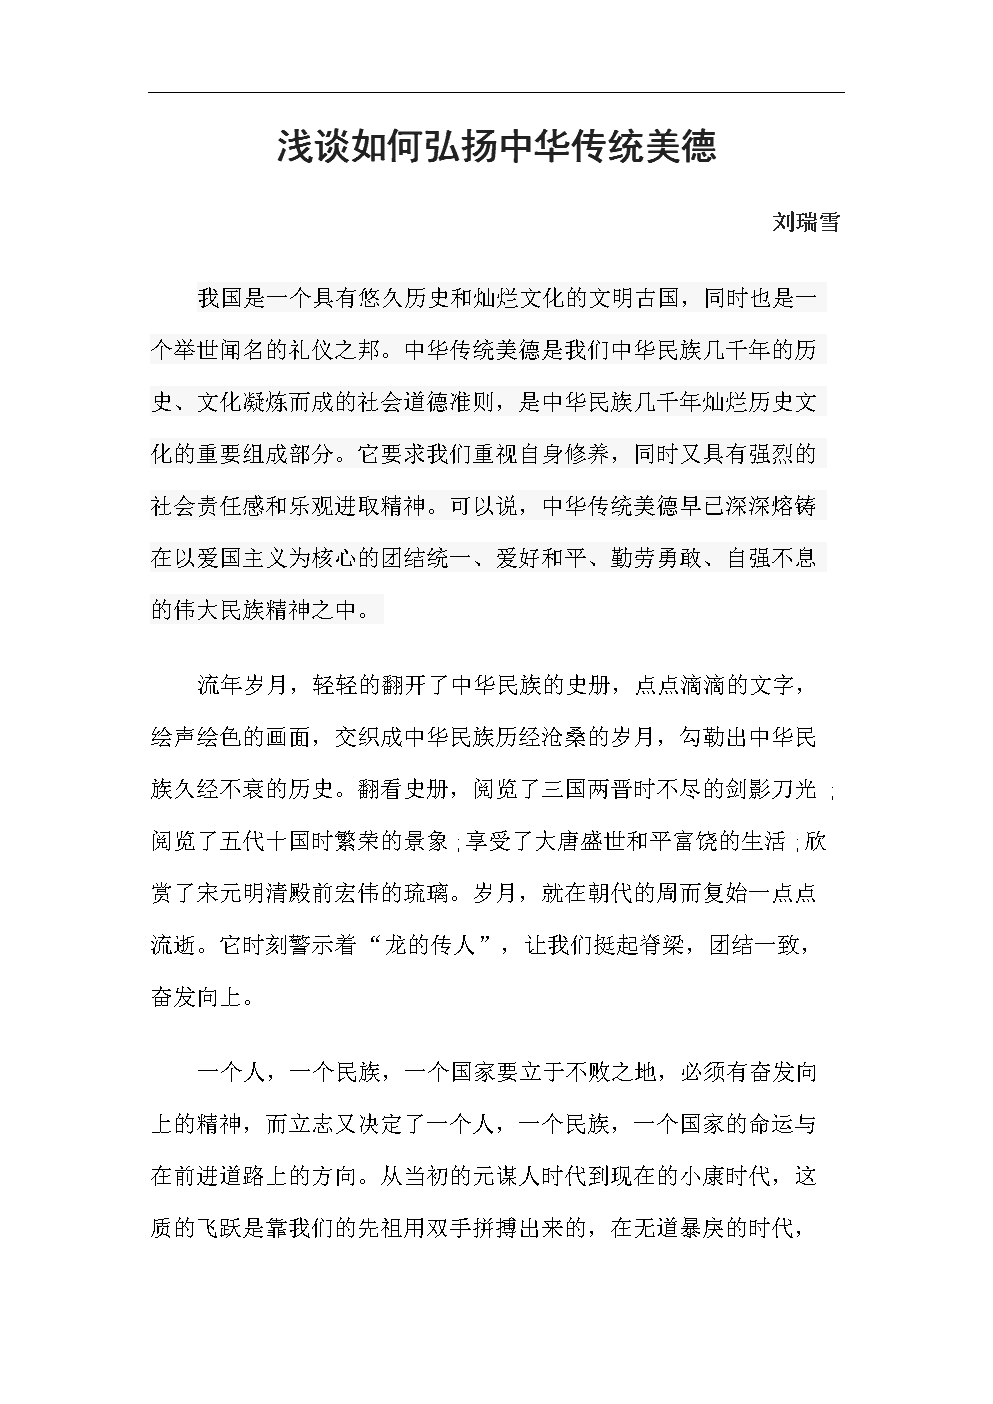 弘揚中國傳統美德論文.doc